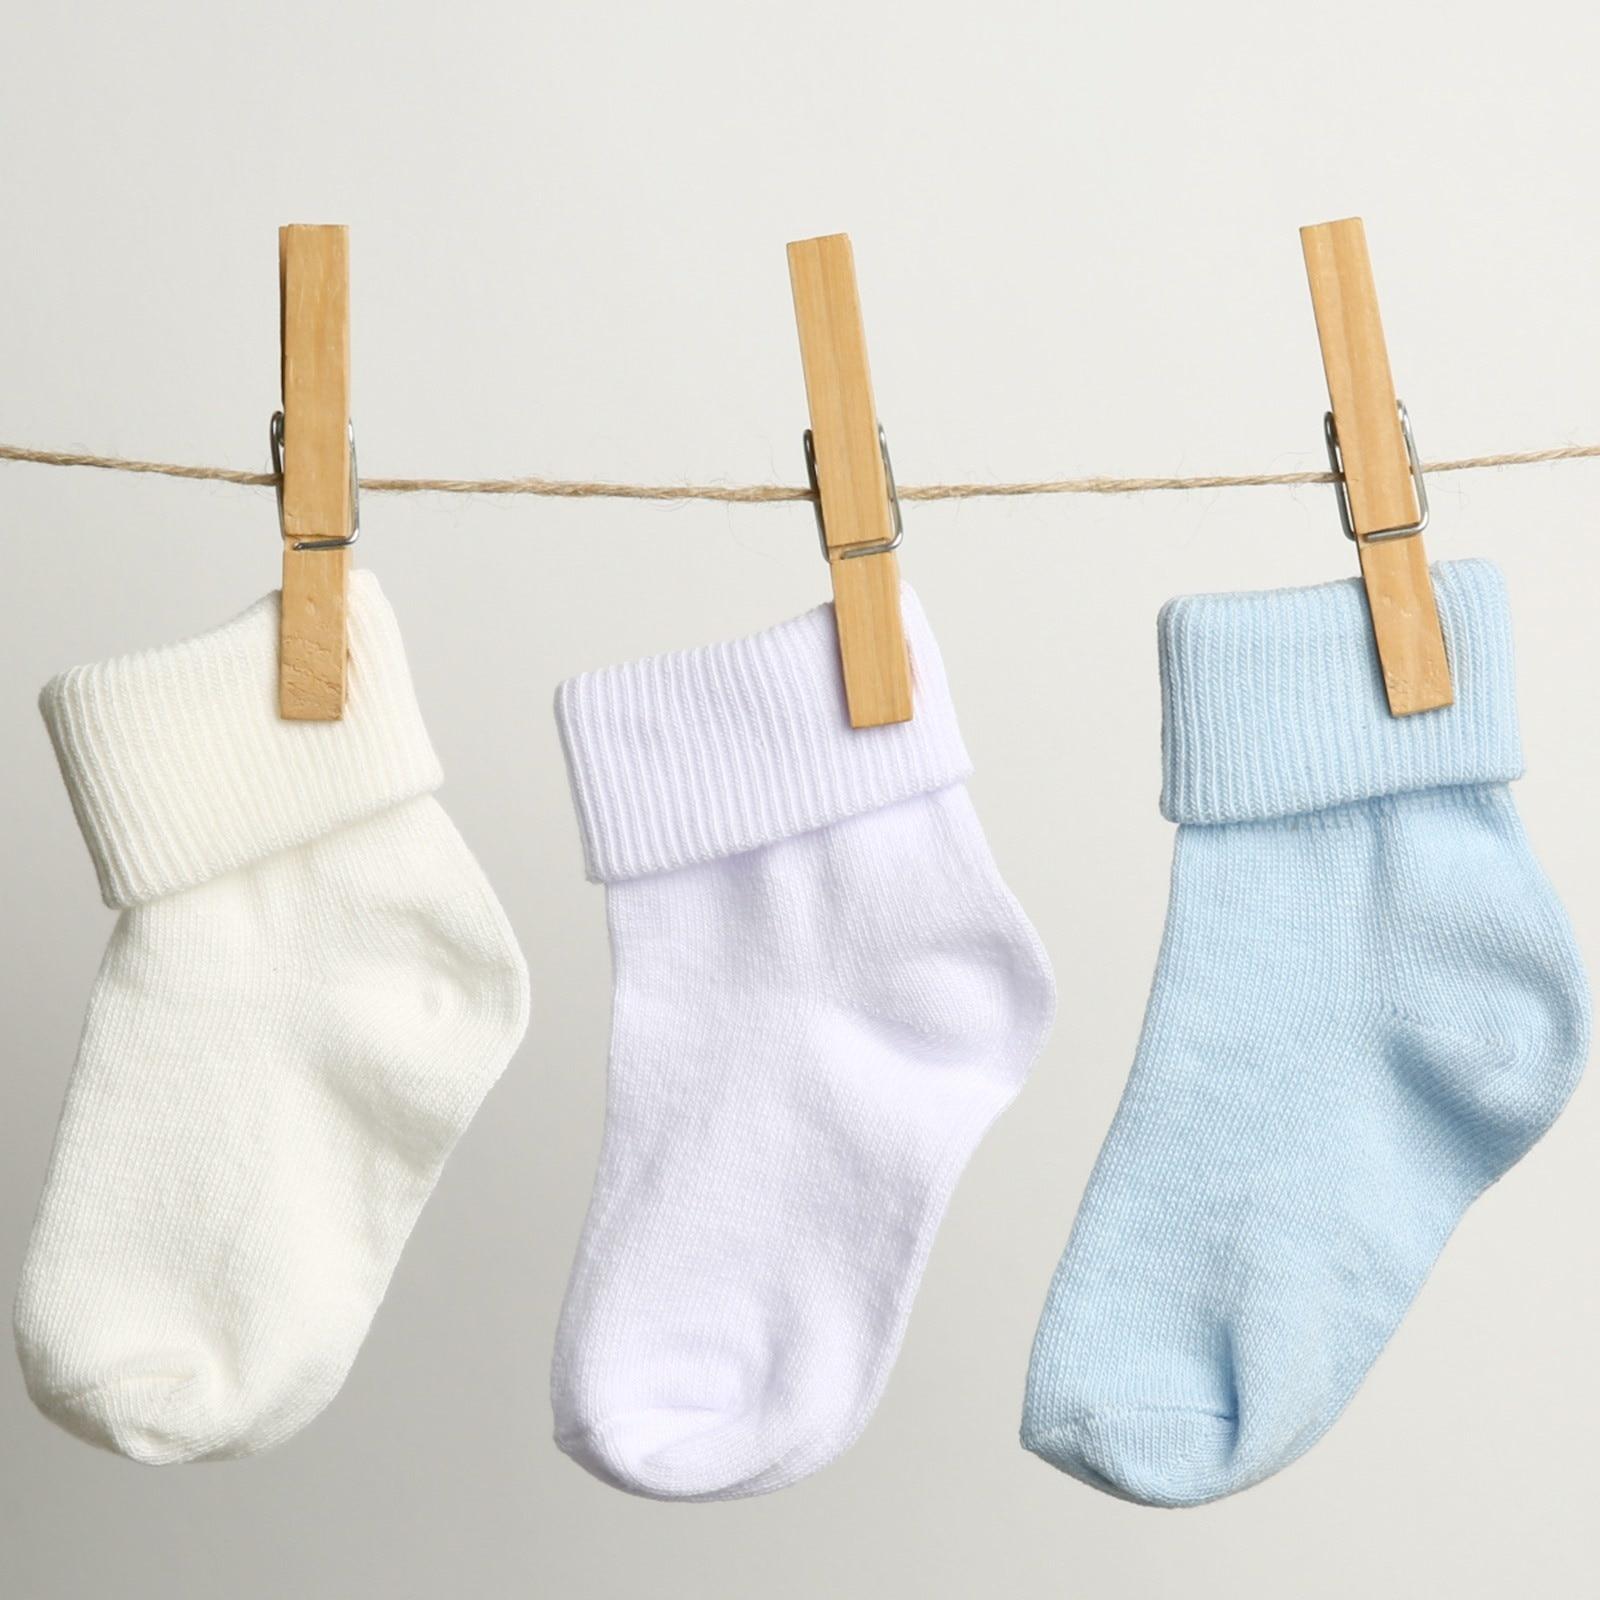 Ebebek HelloBaby Baby Socks 3 Pack - Blue